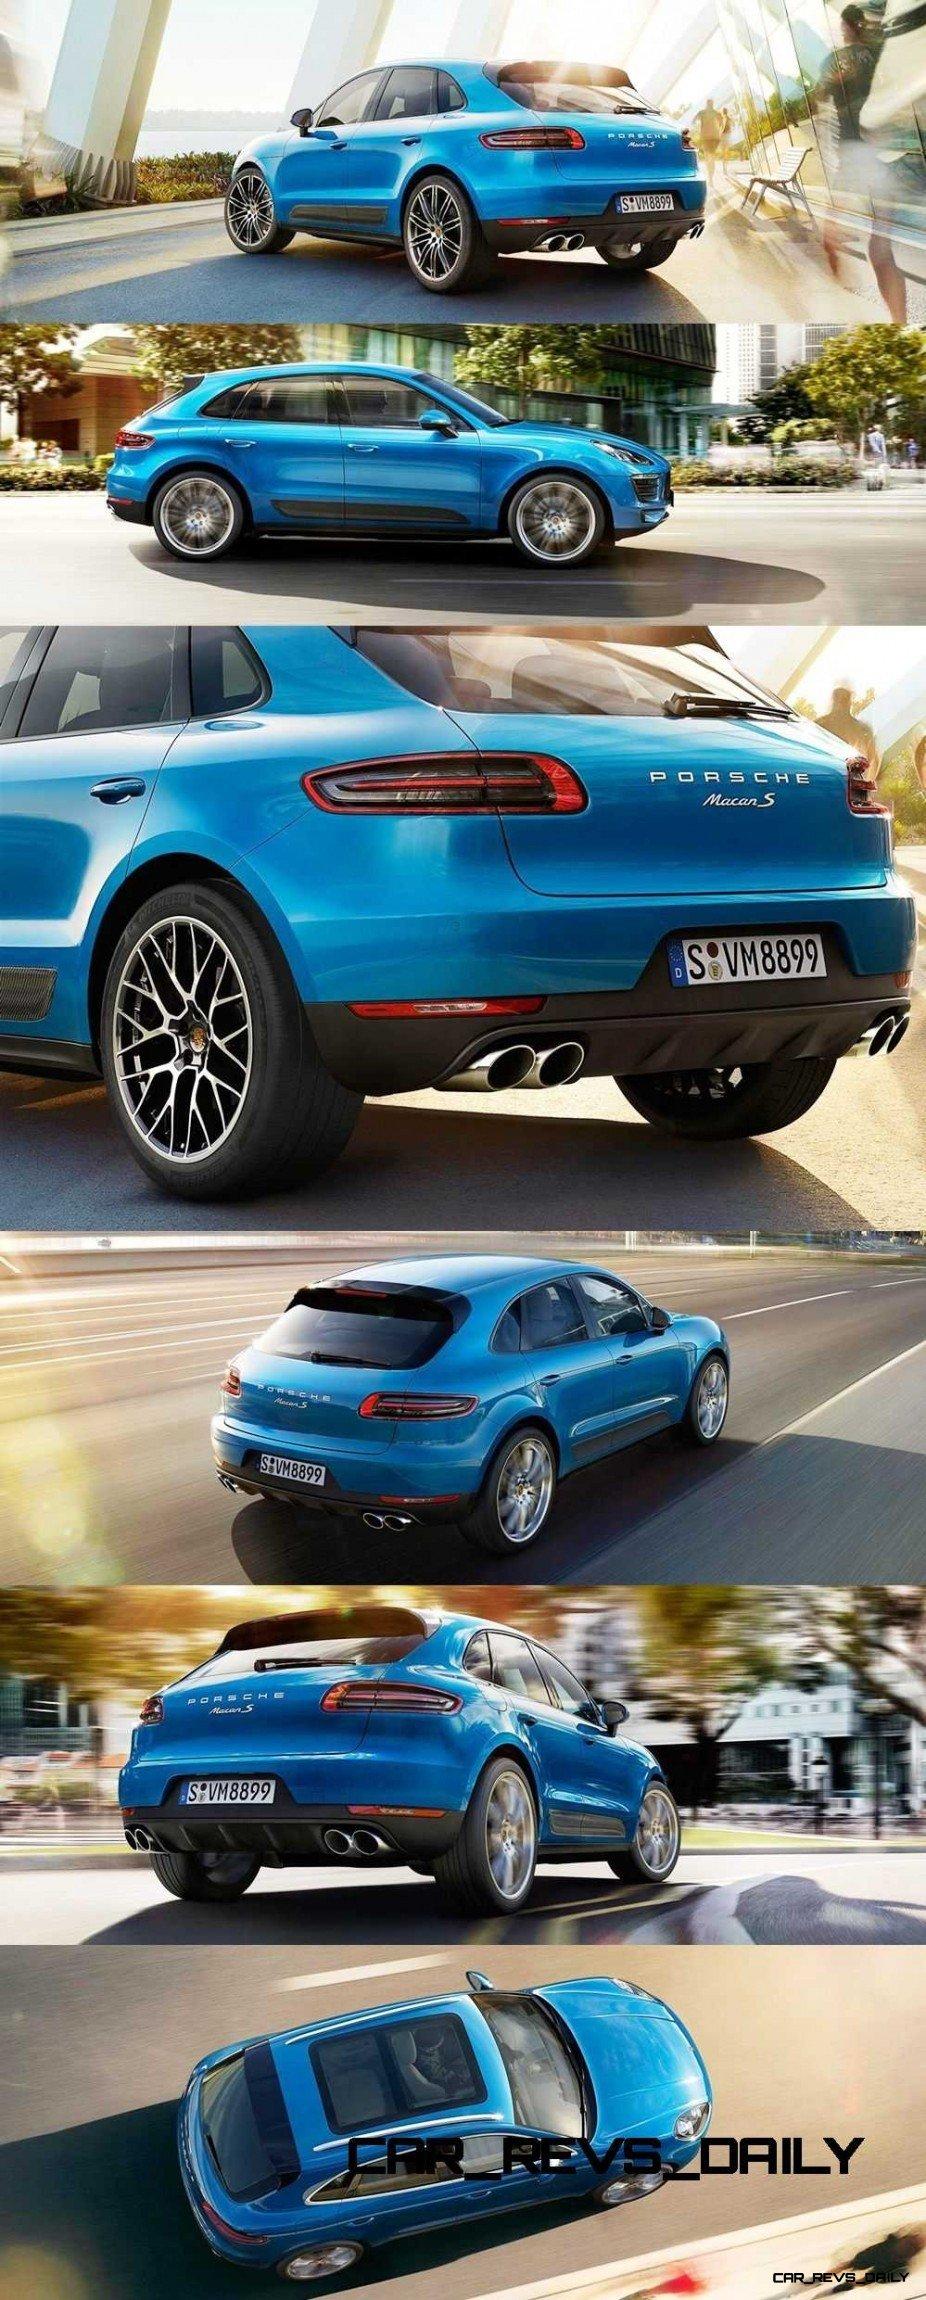 2015 Porsche Macan - Latest Images - CarRevsDaily-vert